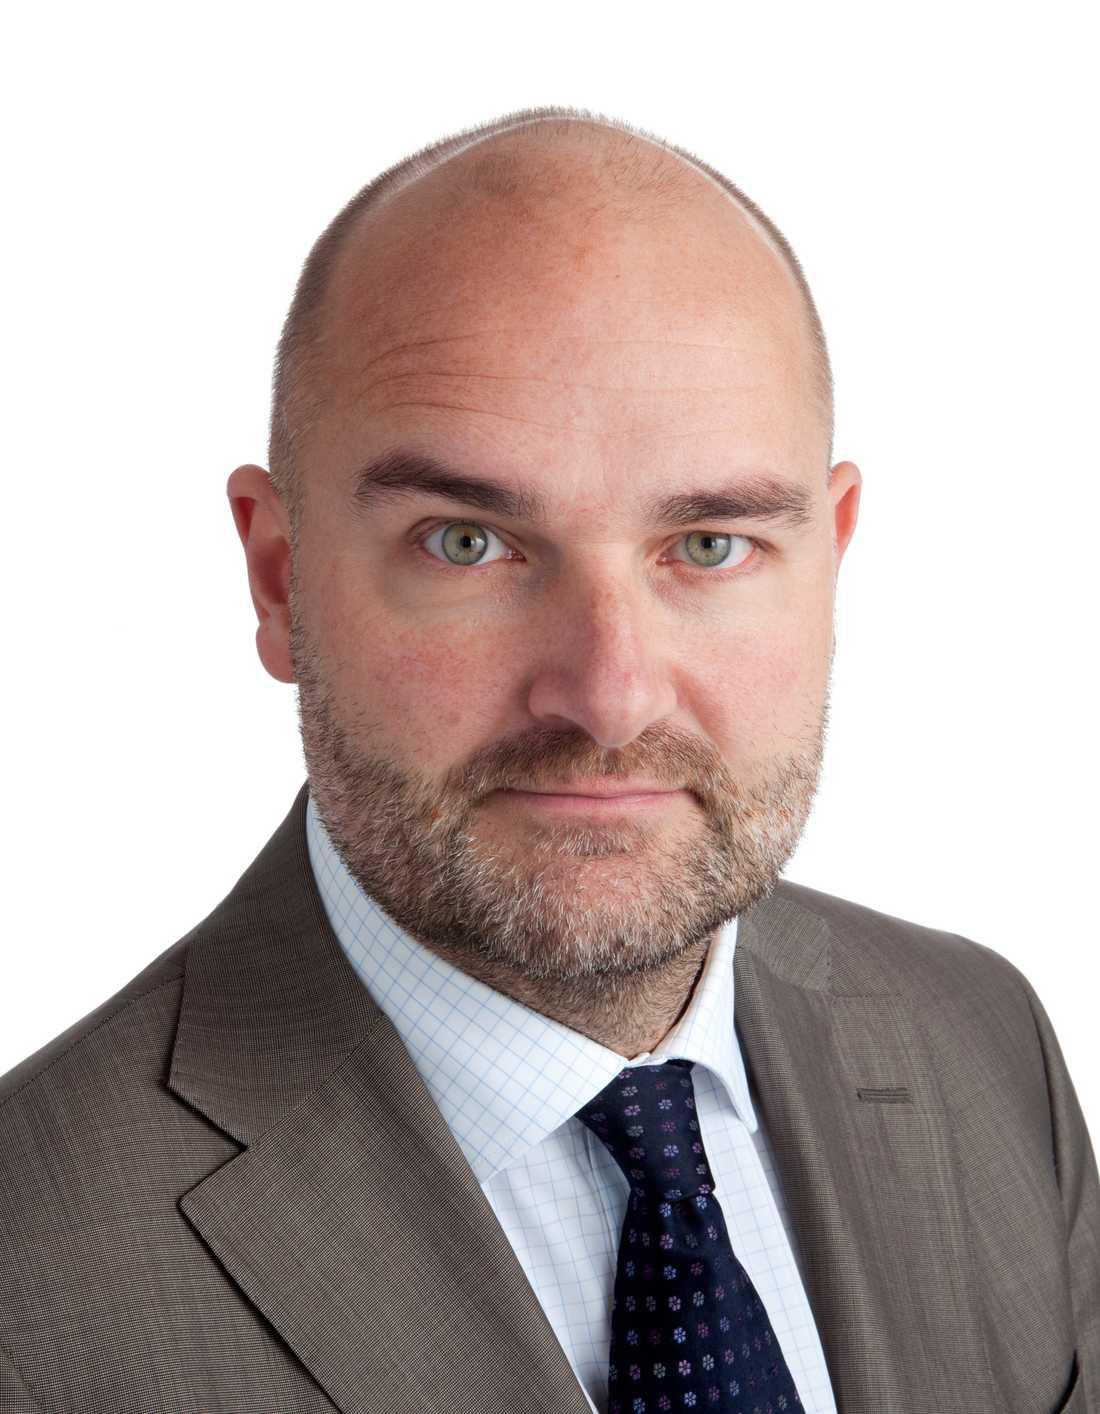 Kritisk Peter Larsson är vd för Svenska regionala flygplatser AB och menar att EU-förslaget kan bli förödande.